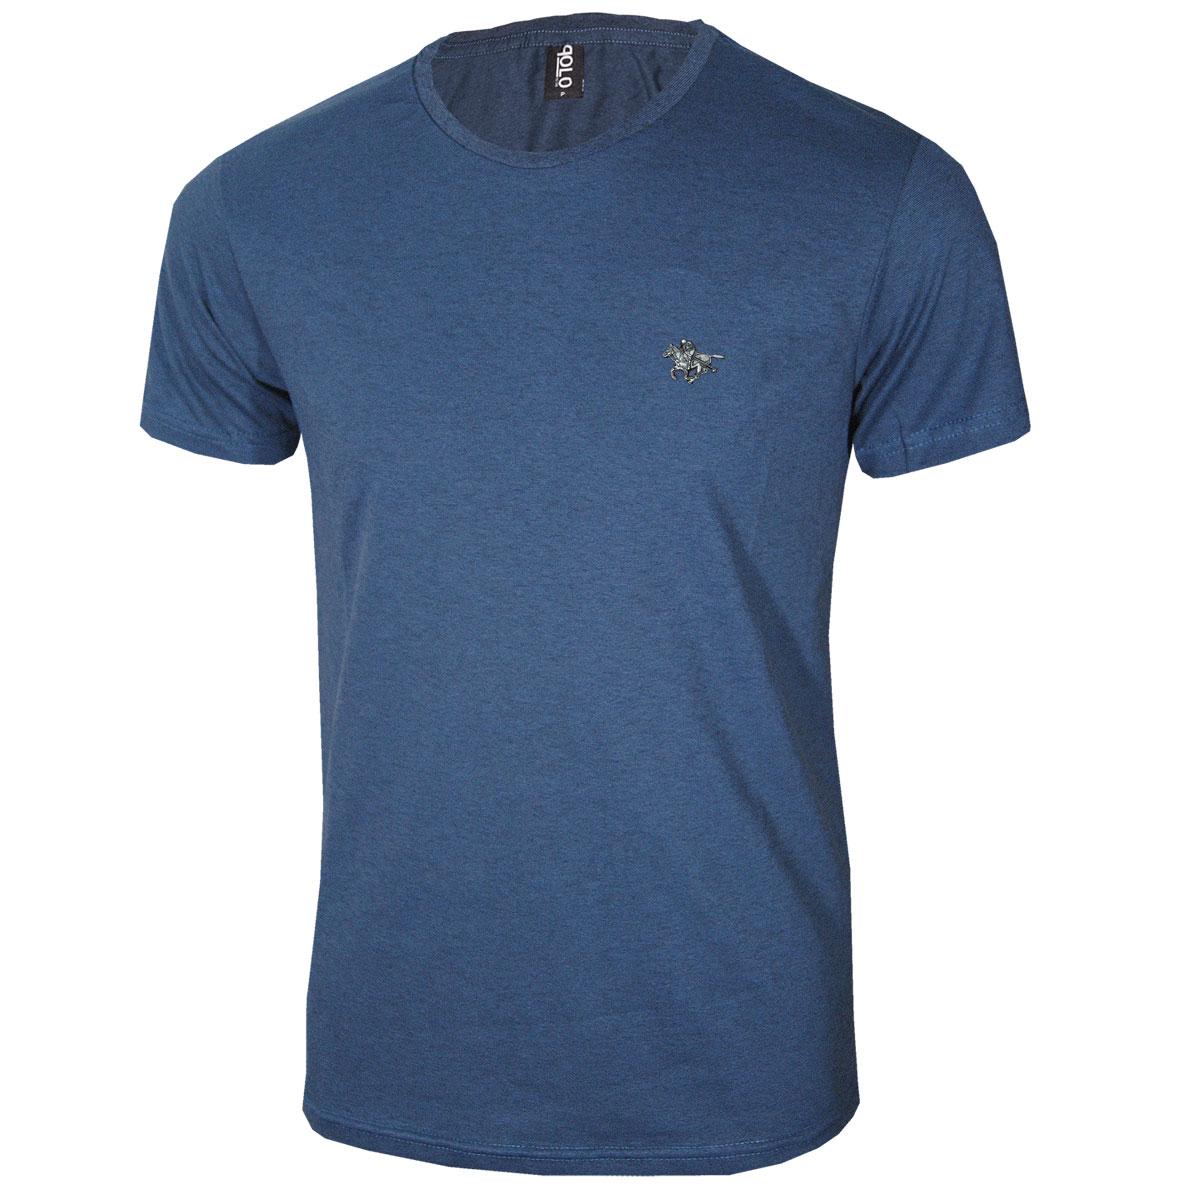 kIt com 2 e leve 3 Camiseta Masculina  com Logo Metalizado